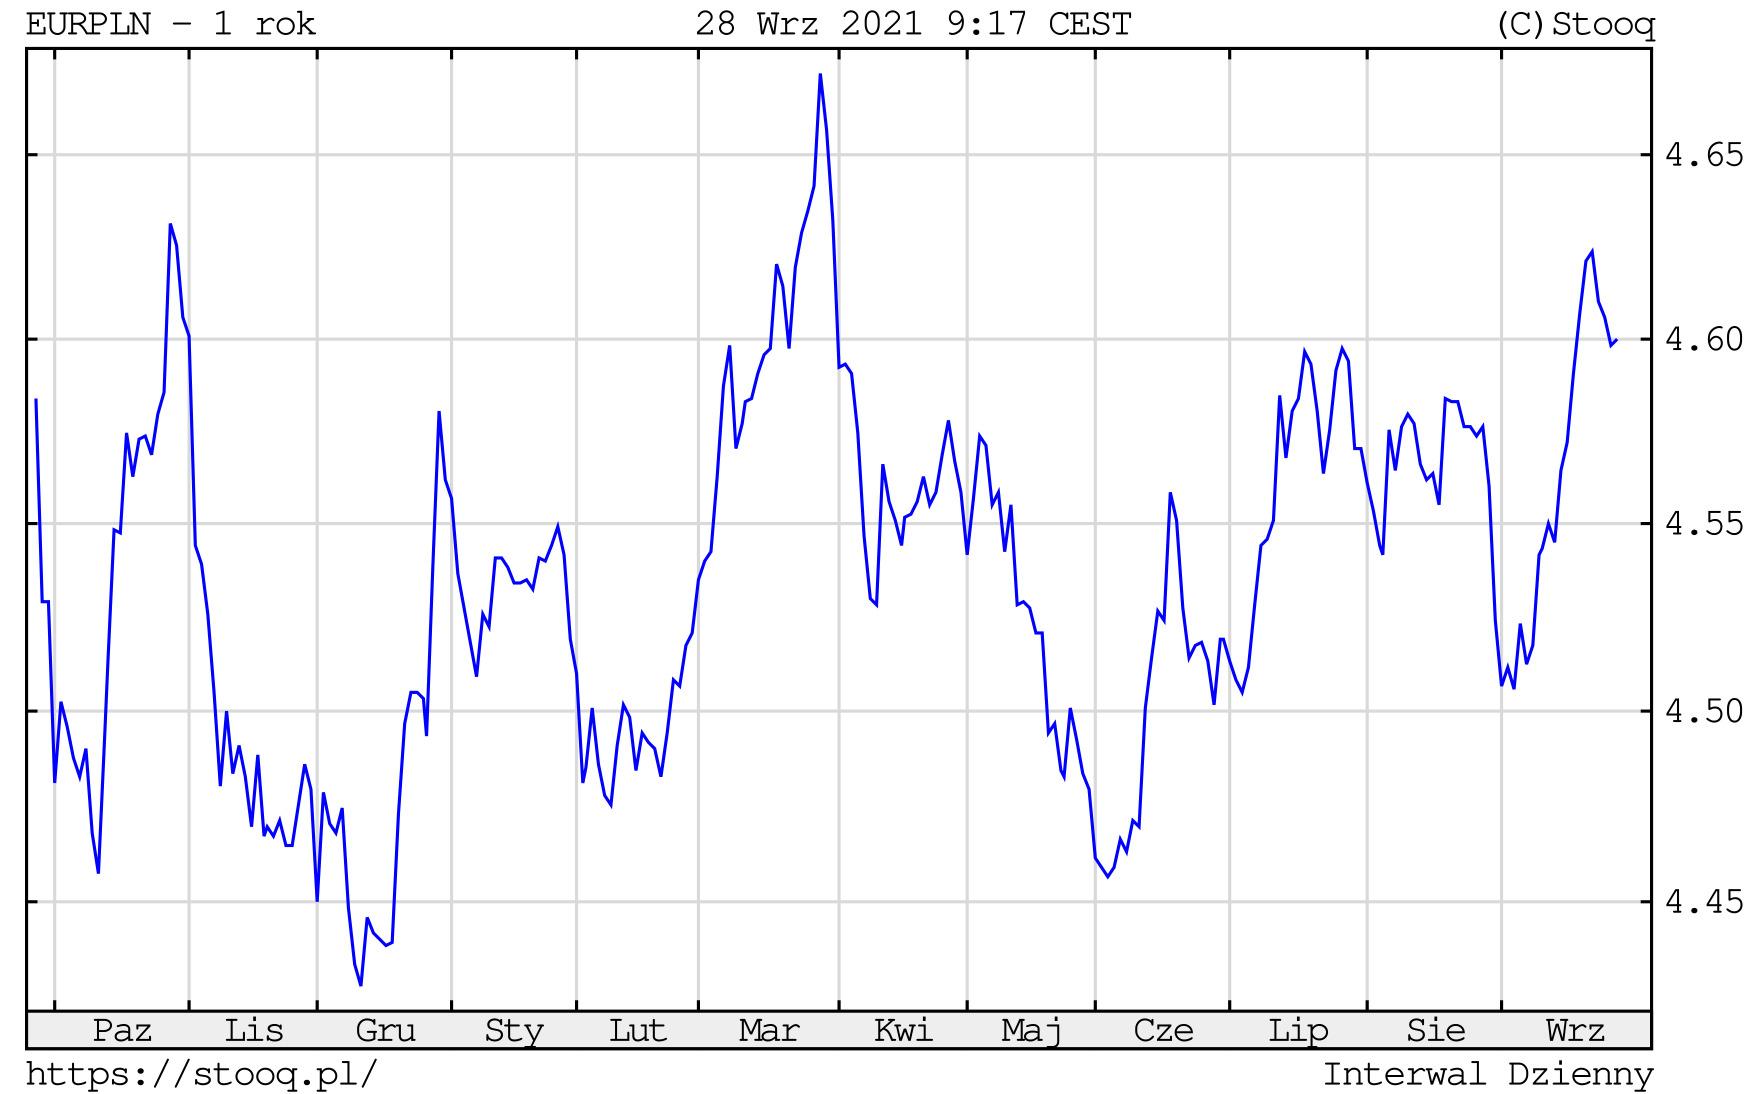 Kurs euro we wtorek, 28 września 2021 roku. Notowania EURPLN na wykresie dziennym